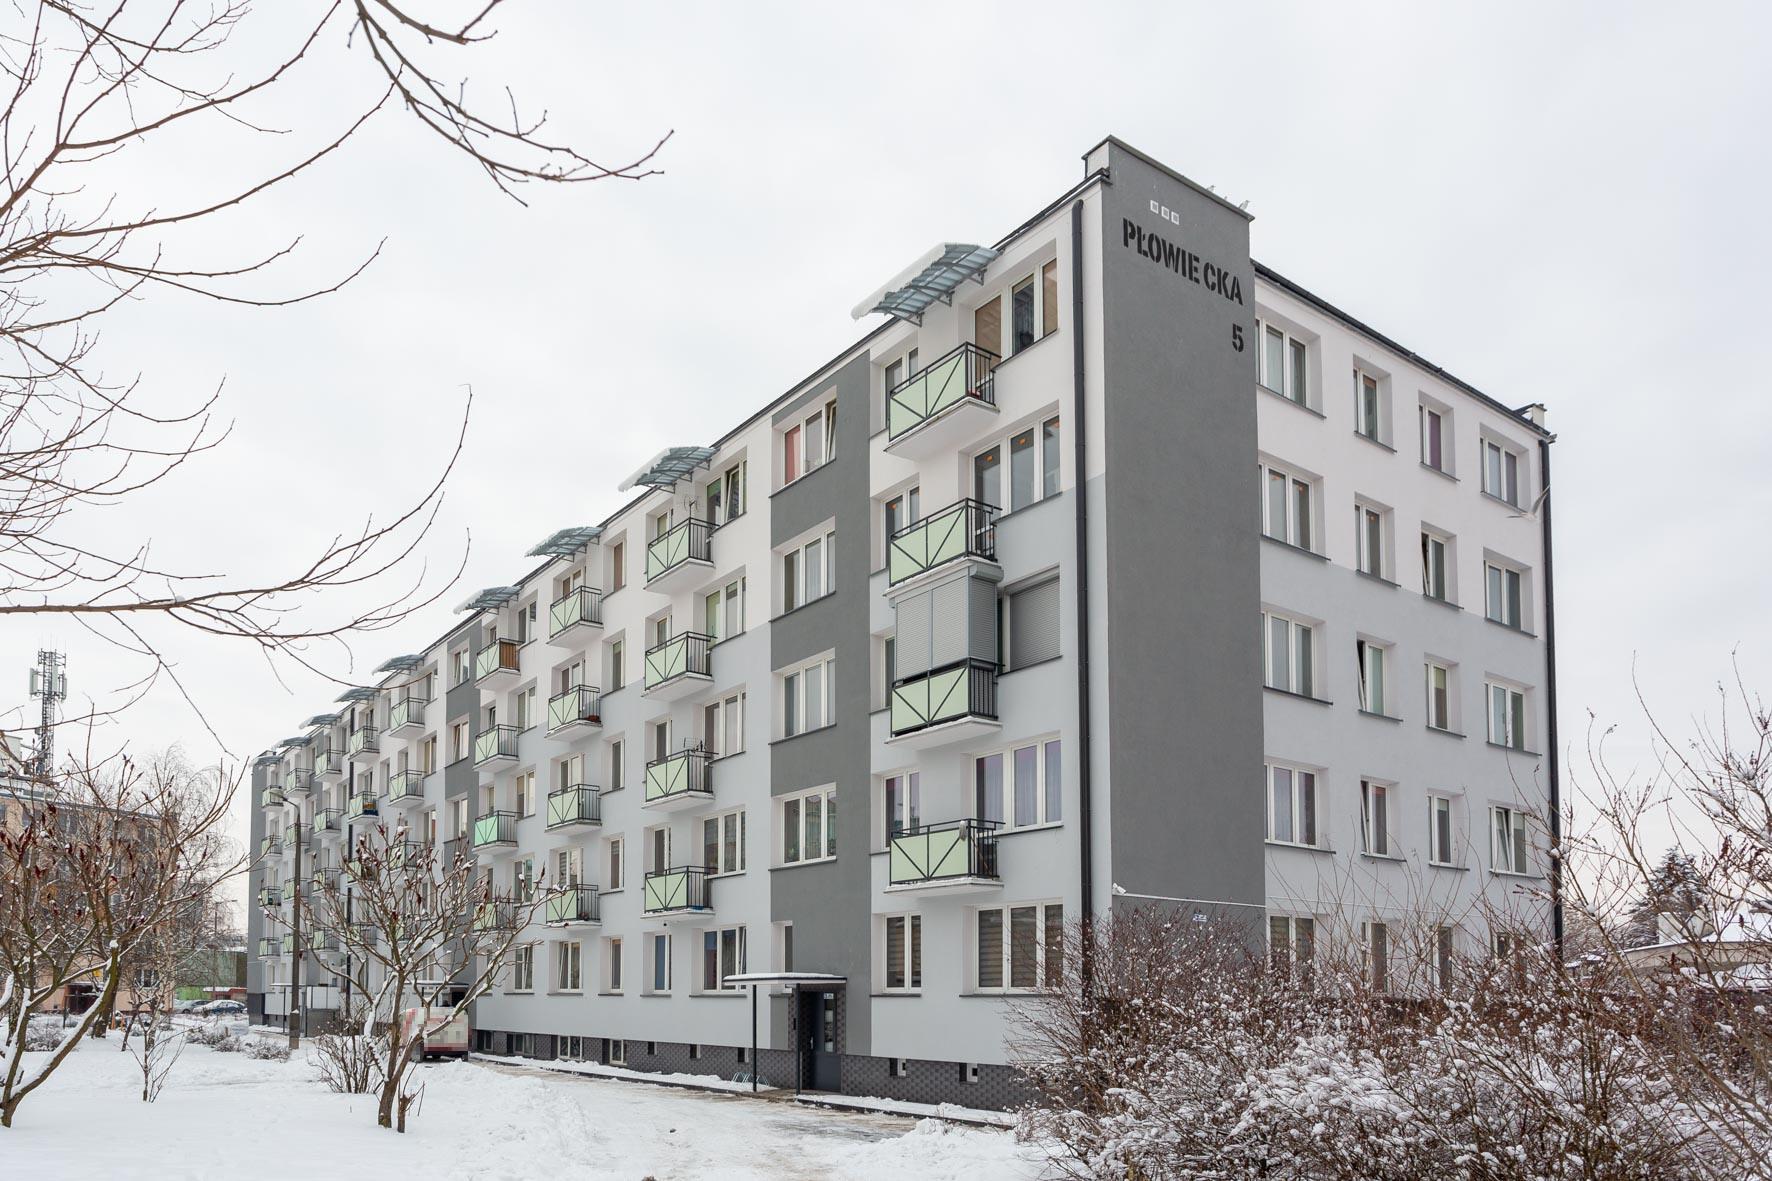 Termomodernizacja budynku mieszkalnego wielorodzinnego